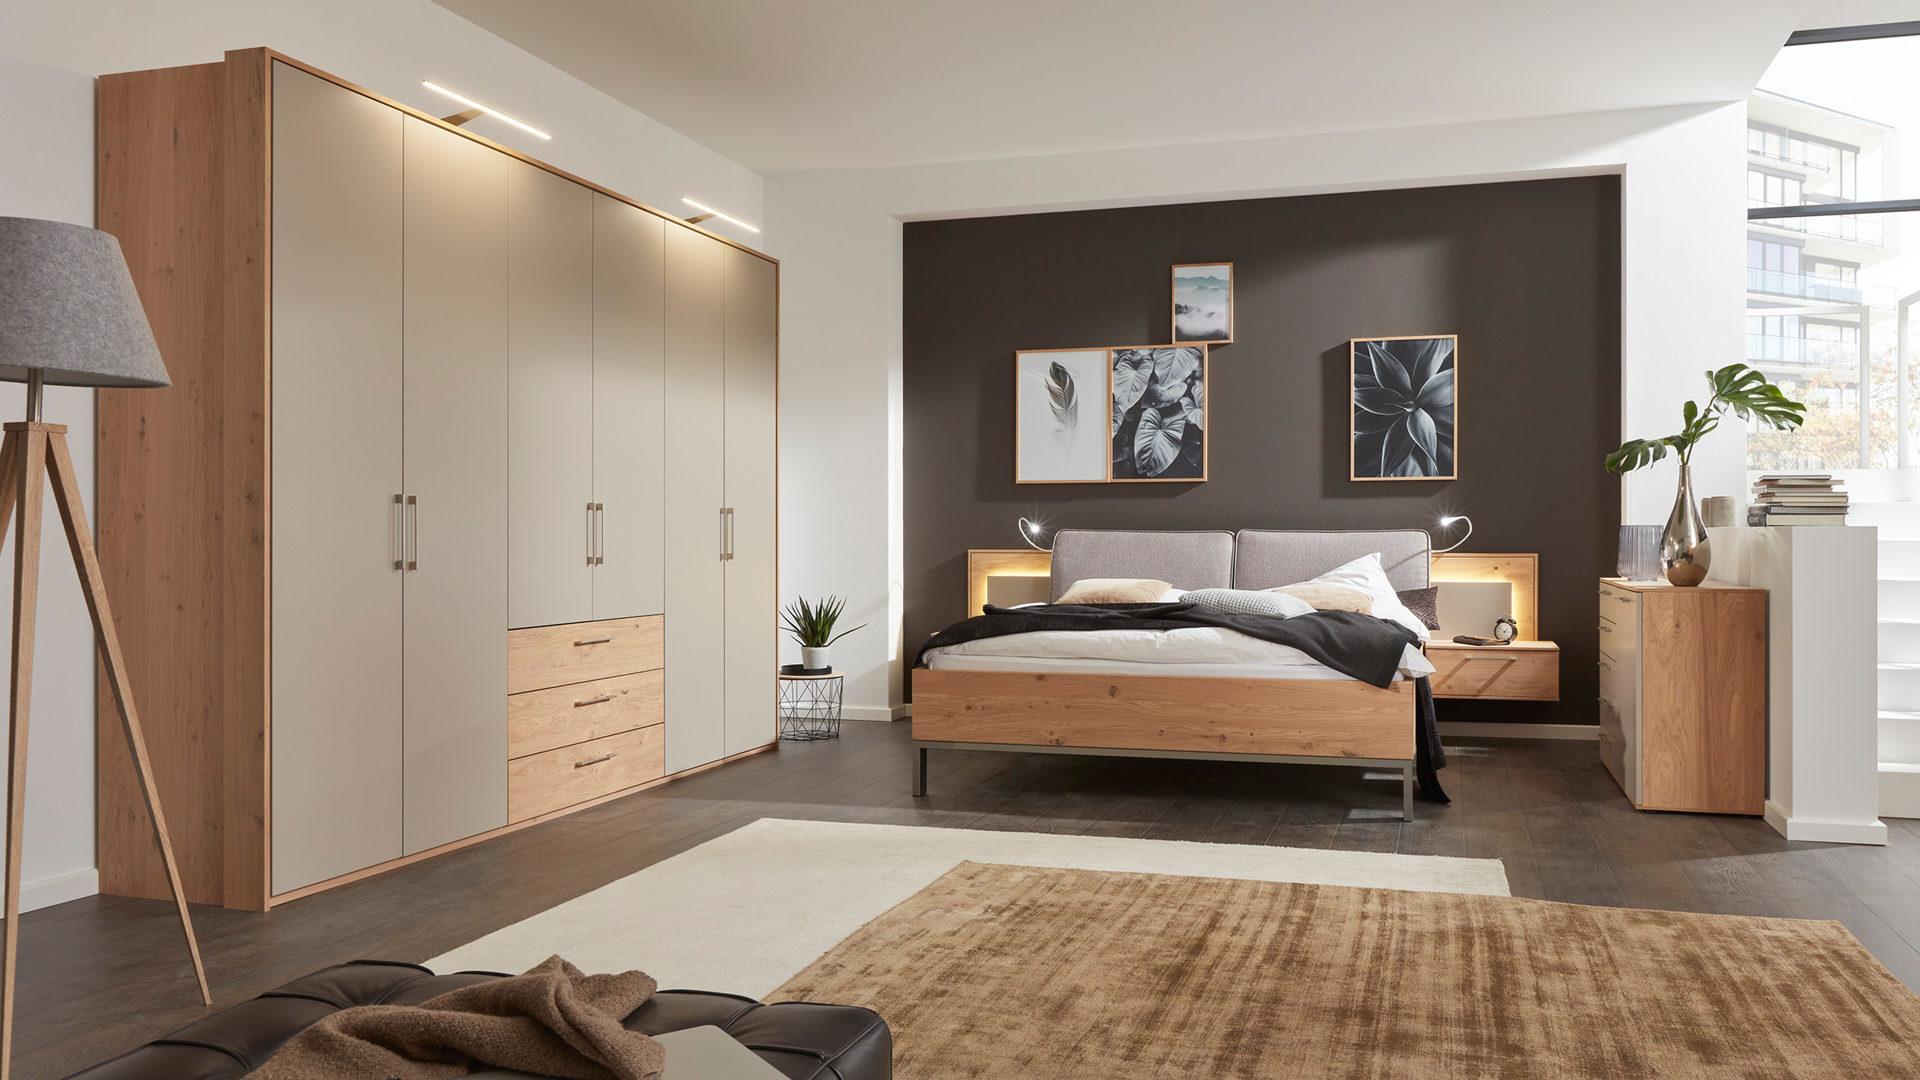 Interliving Schlafzimmer Serie 1008 – Schlafzimmerkombination ...